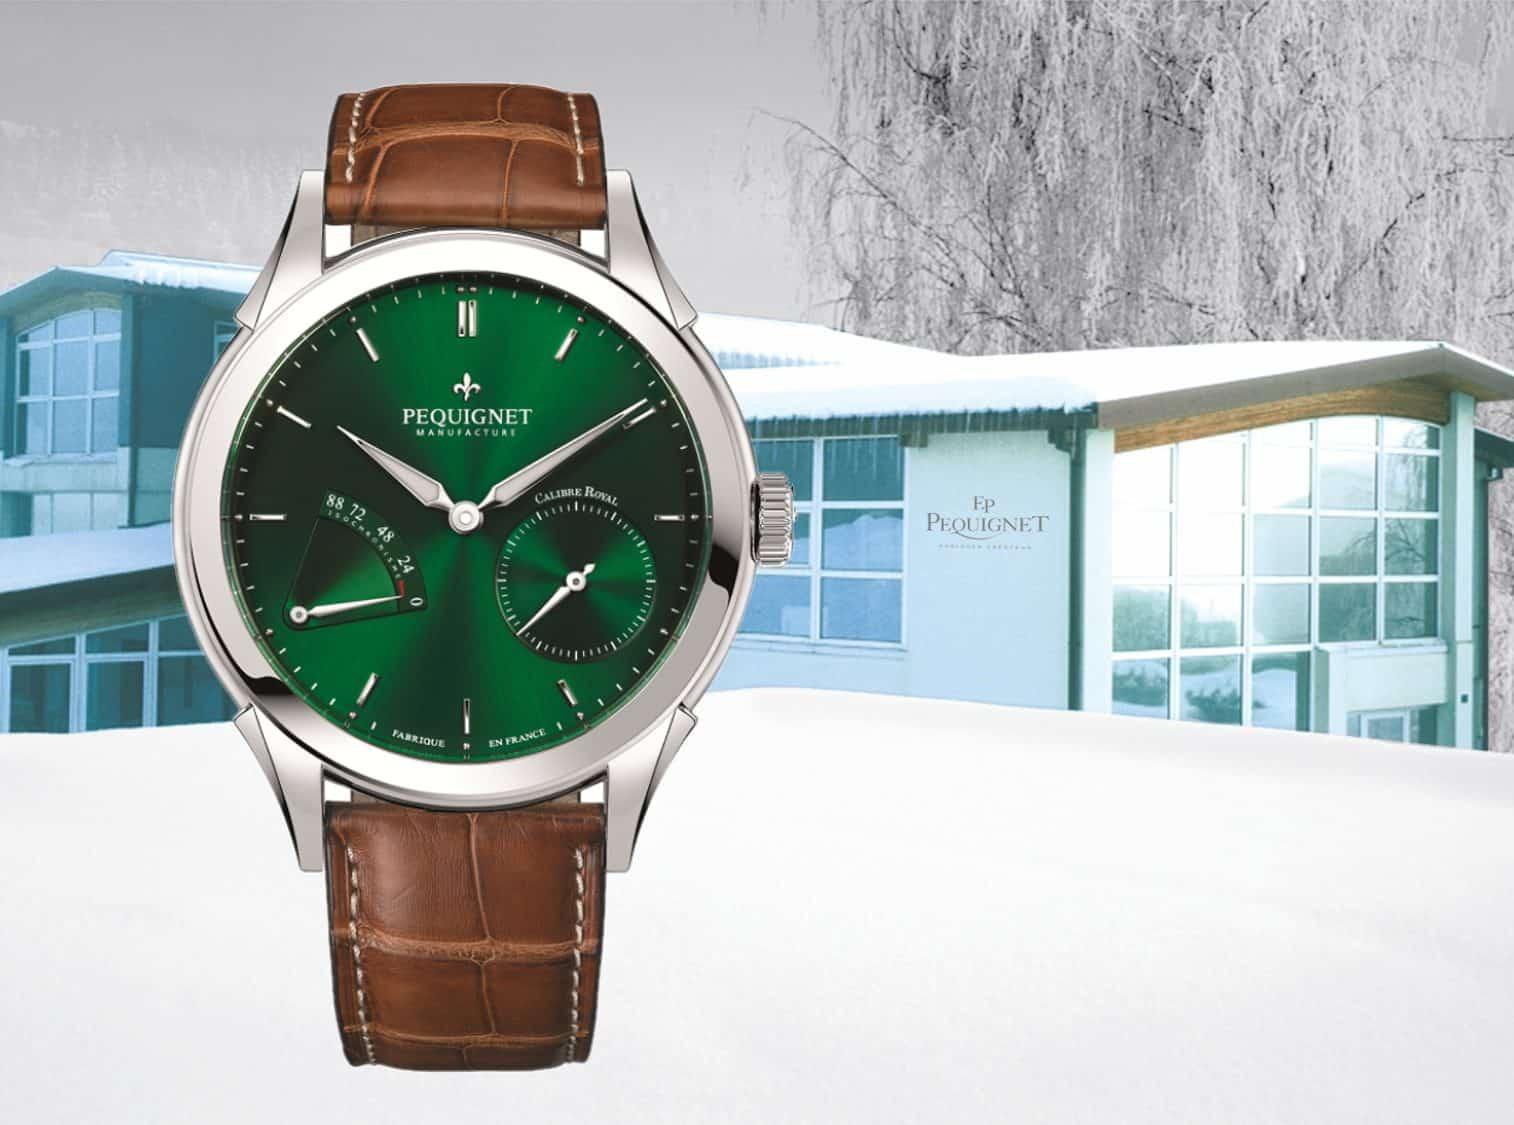 Pequignet Rue Royale Verte EditionPequignet: Die Geschichte der französischen Uhrenmarke und der Pequignet Rue Royale Verte